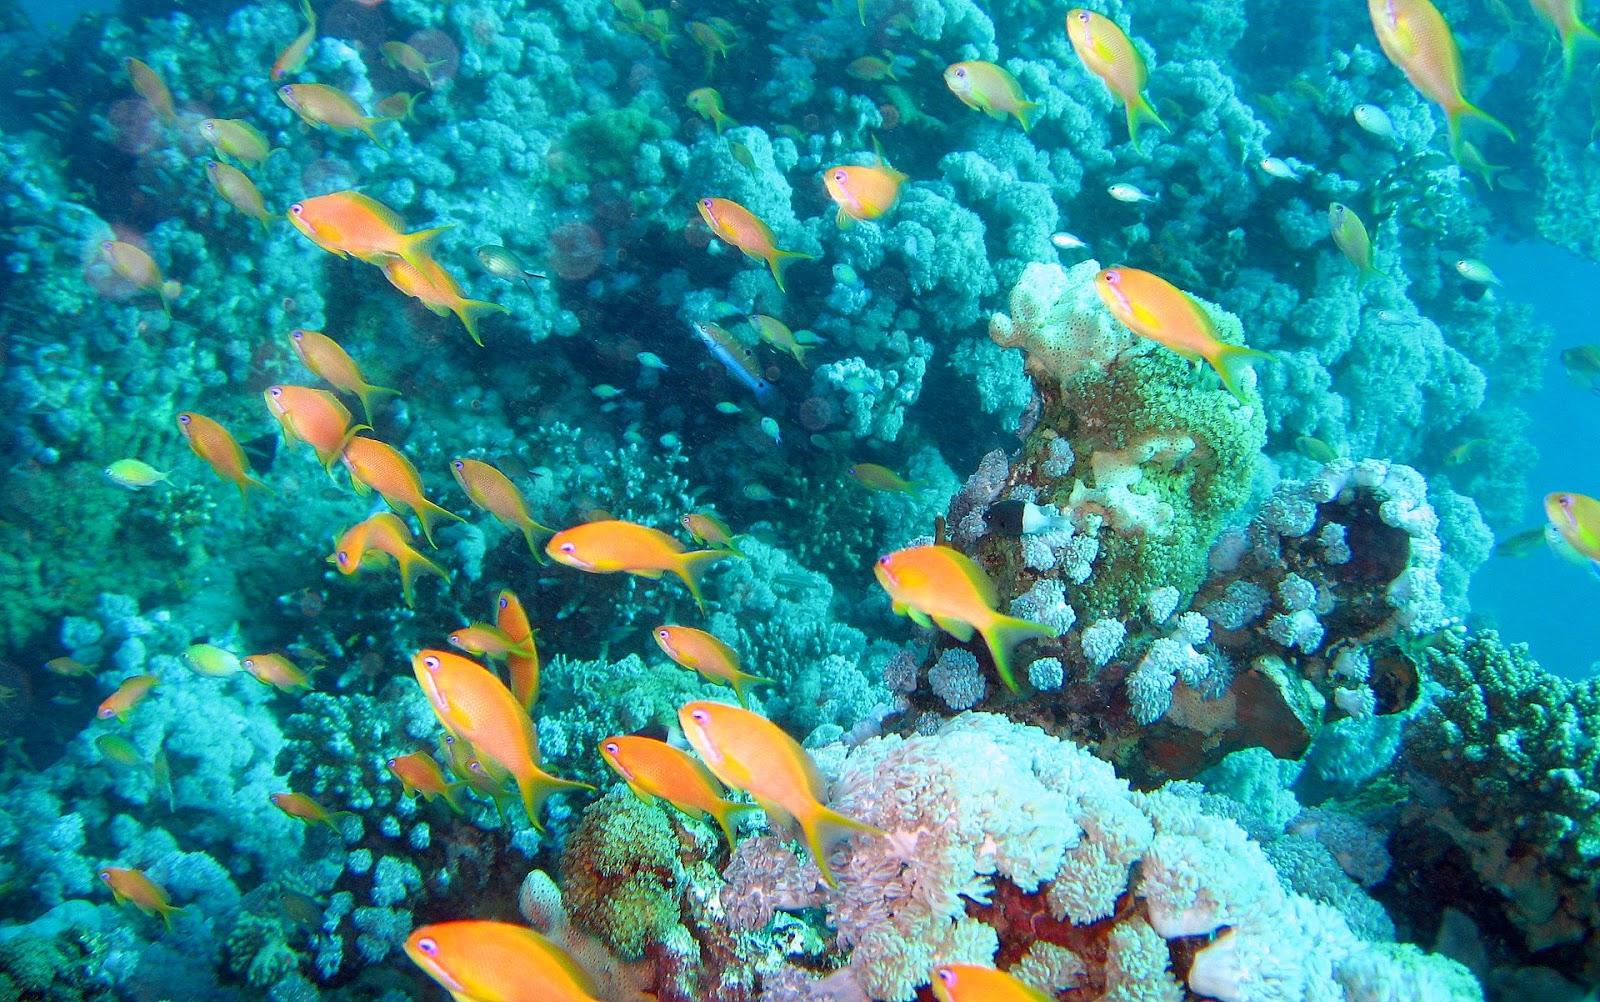 Free download aquarium wallpapers aquarium live wallpaper aquarium ...